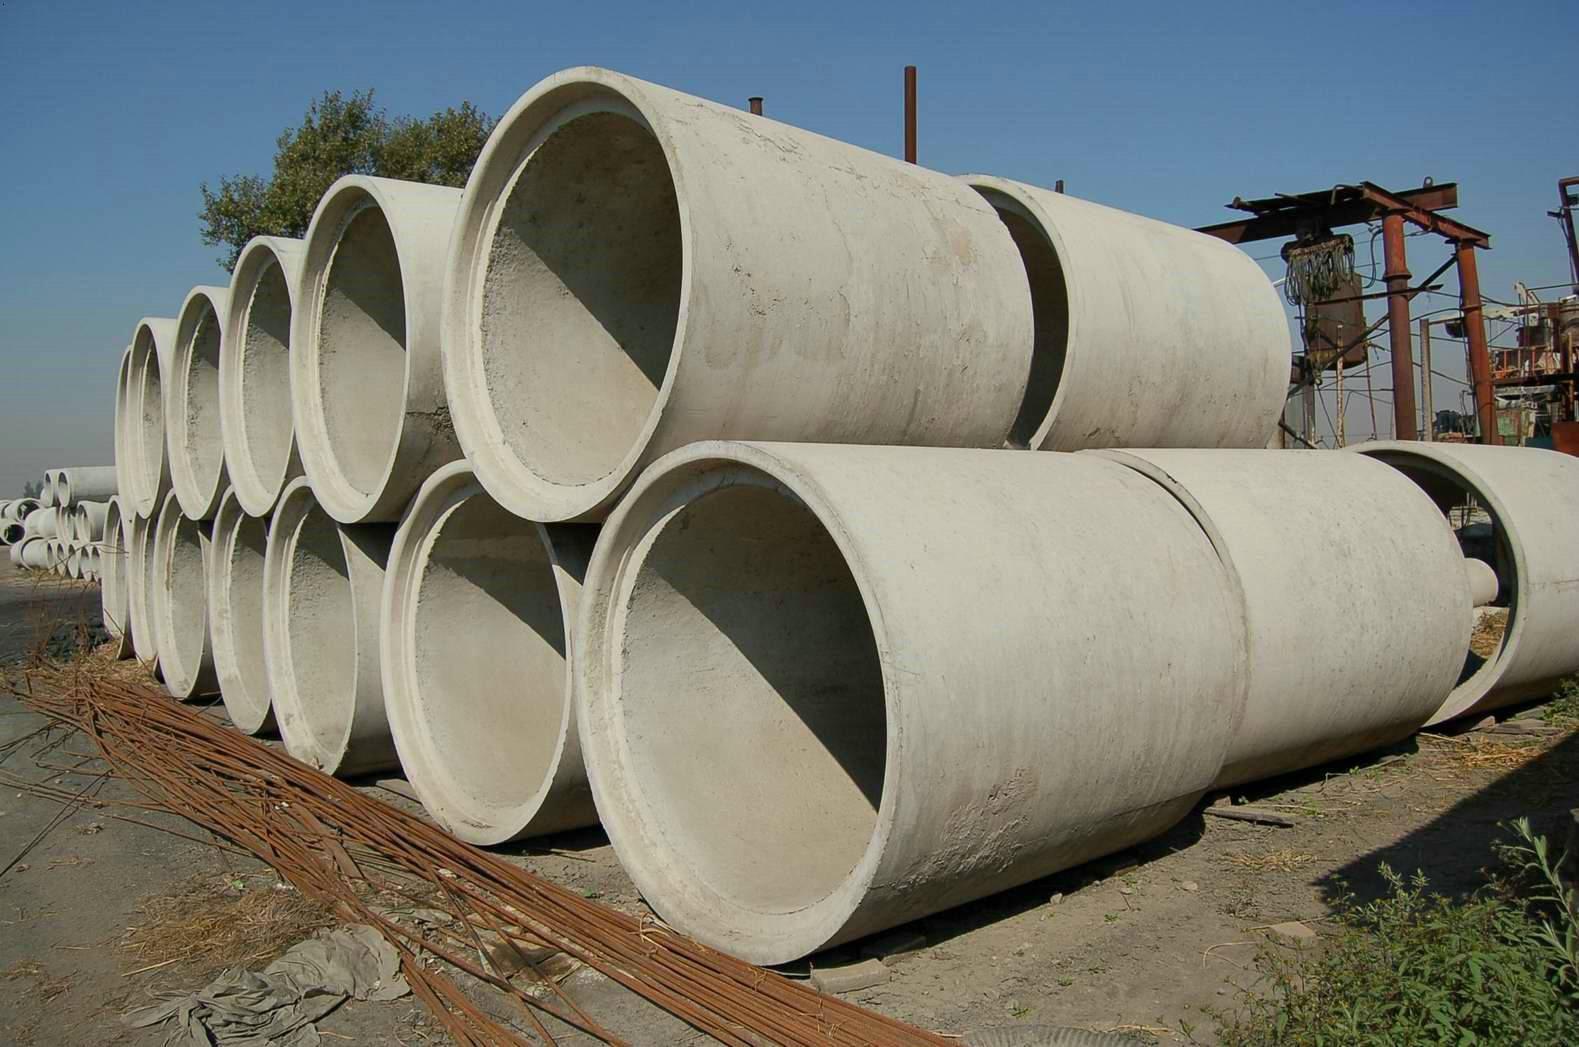 水泥管,水泥排水管,水泥管厂,泰安水泥管厂,山东水泥管厂,泰...